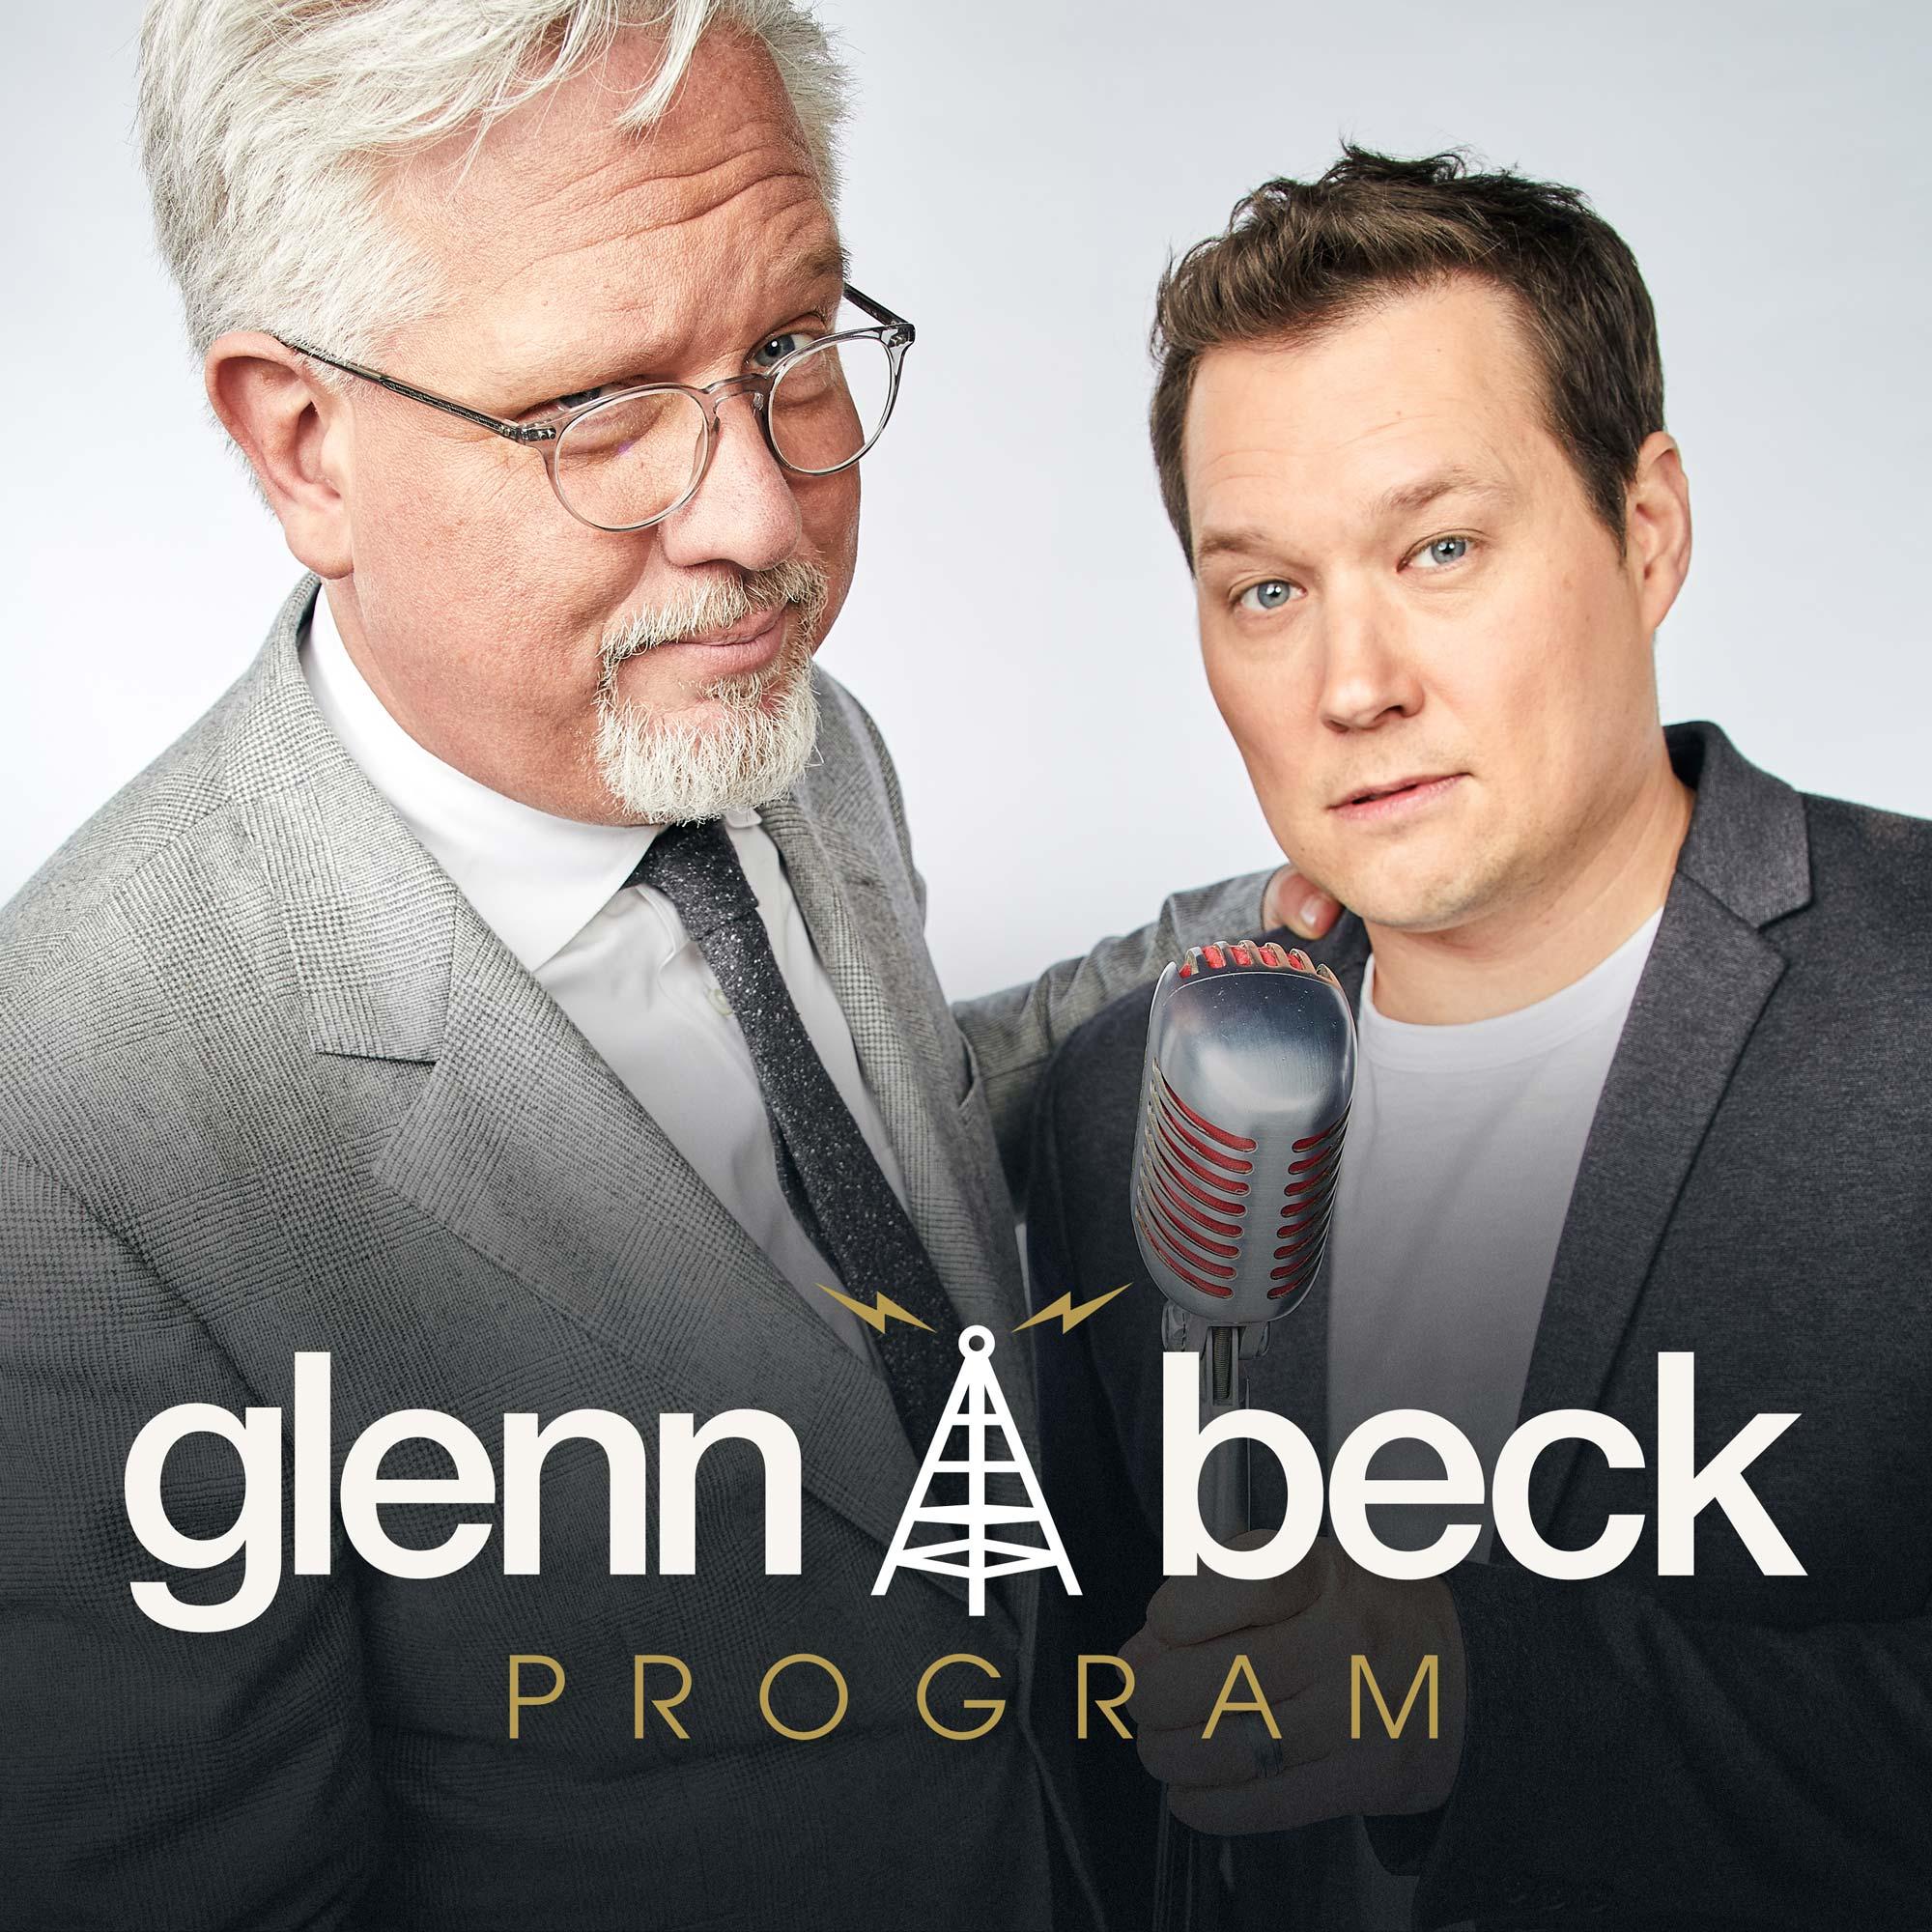 the glenn beck program listen via stitcher radio on demand rh stitcher com Glenn Beck Mormon Glenn Beck Rejected